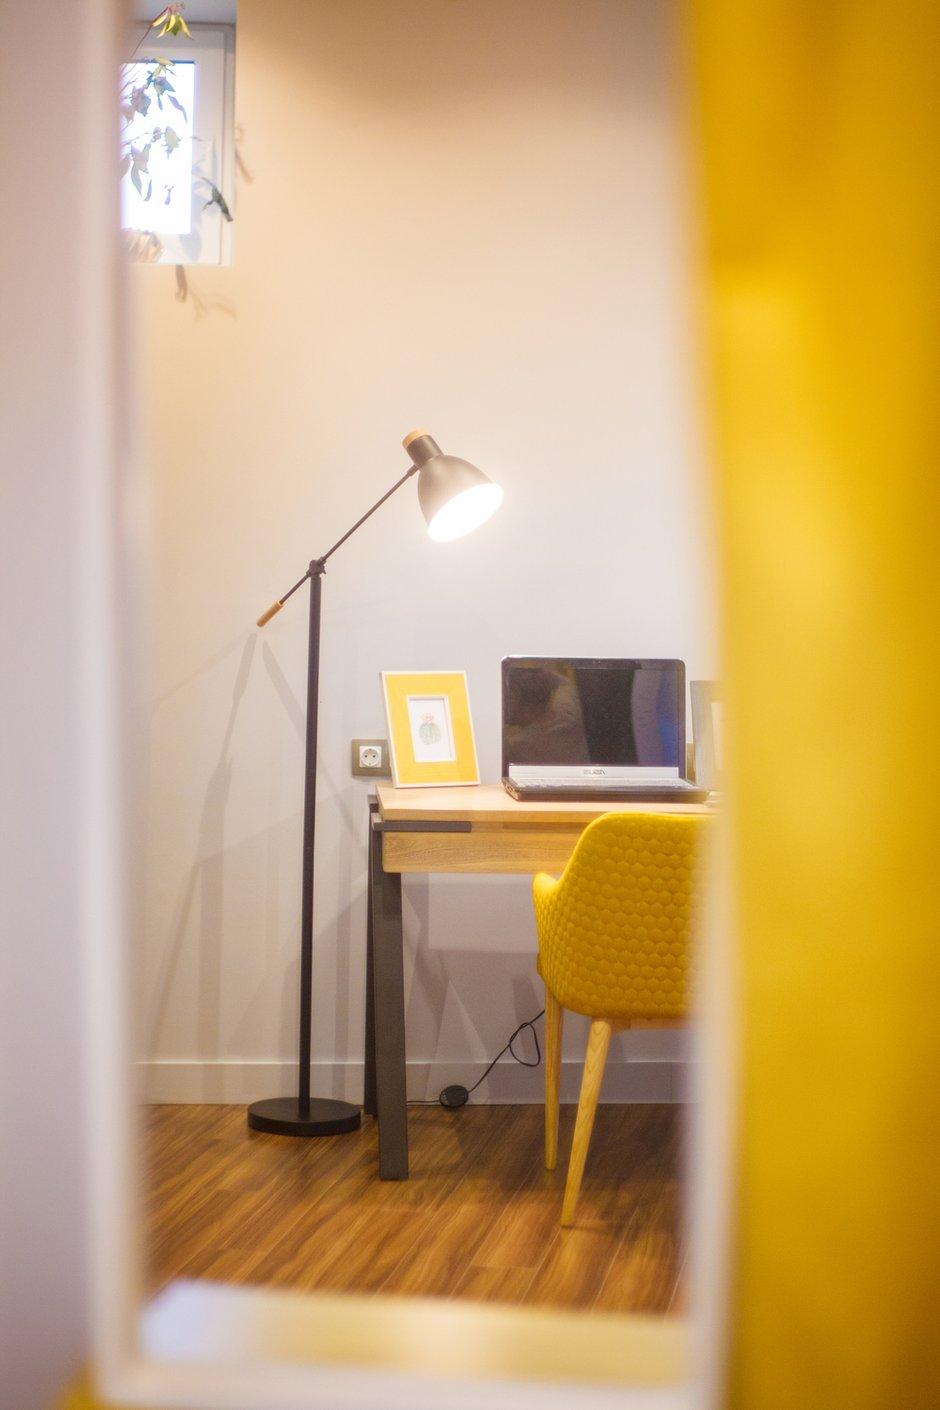 Фотография: Кабинет в стиле Современный, Квартира, Проект недели, Химки, Ануш Аракелян, Монолитный дом, ЖК «Правый Берег» – фото на INMYROOM